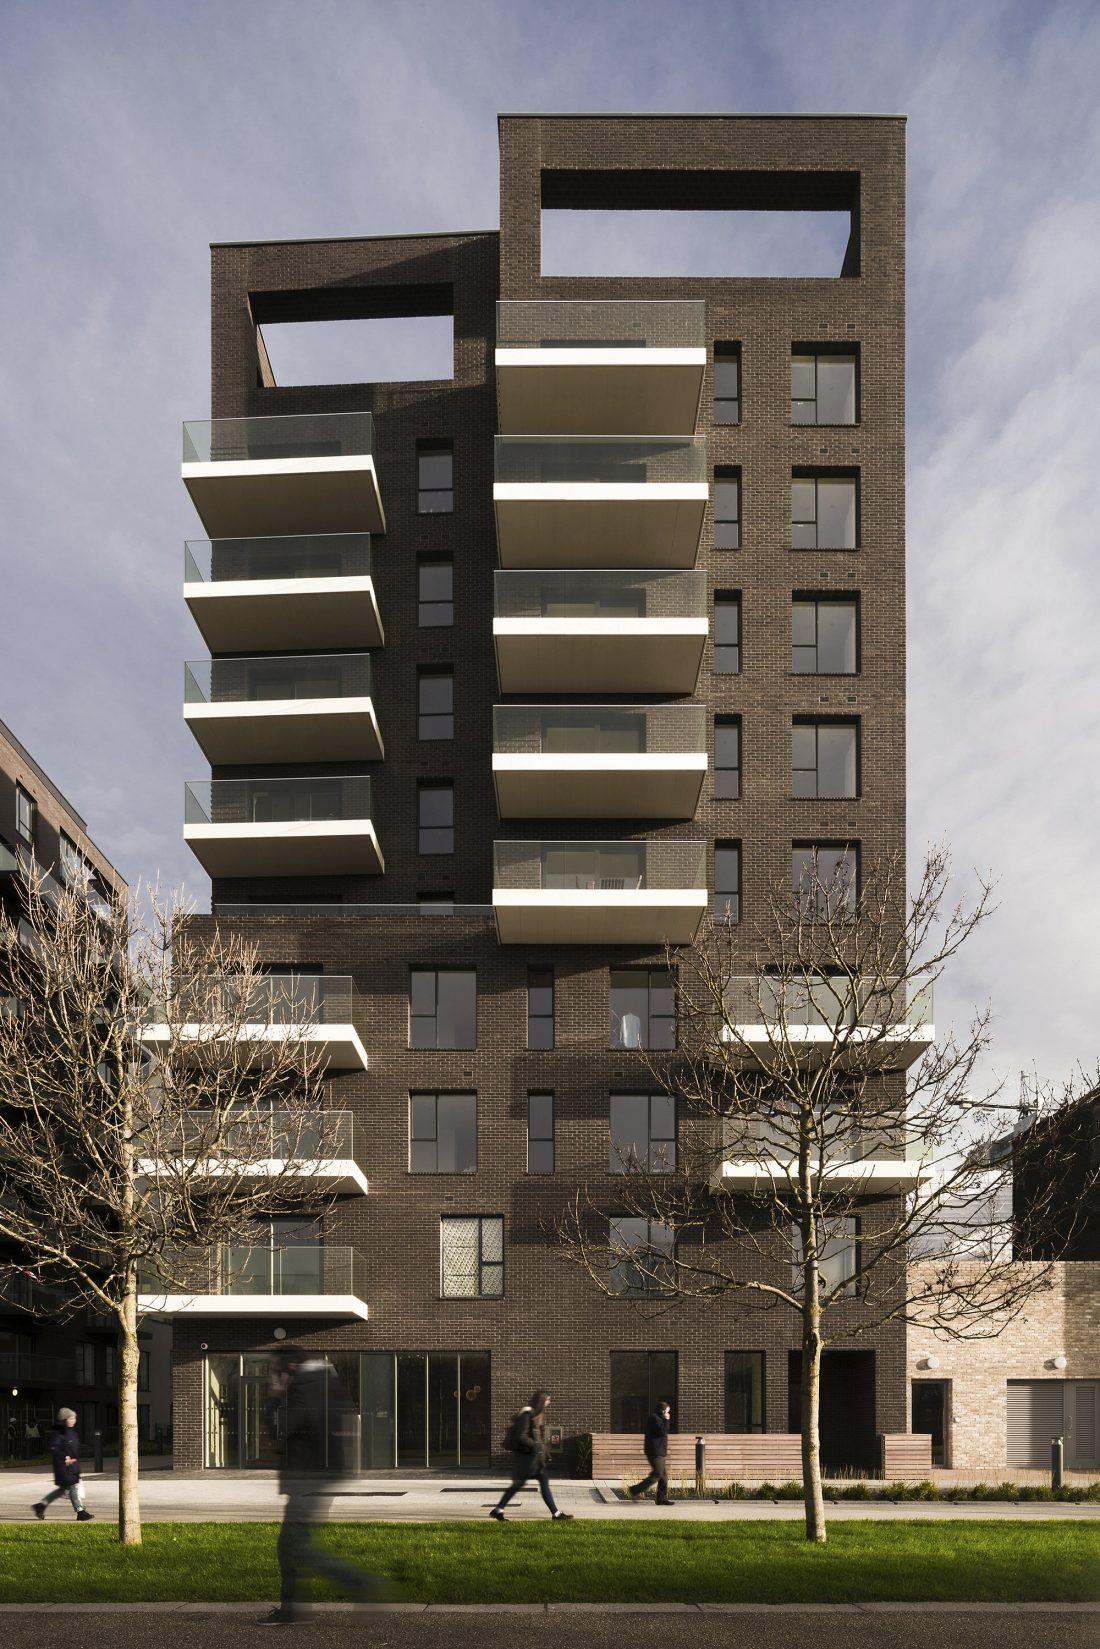 Жилой комплекс Greenwich Peninsula Riverside в Лондоне по проекту C.F. Moller 6